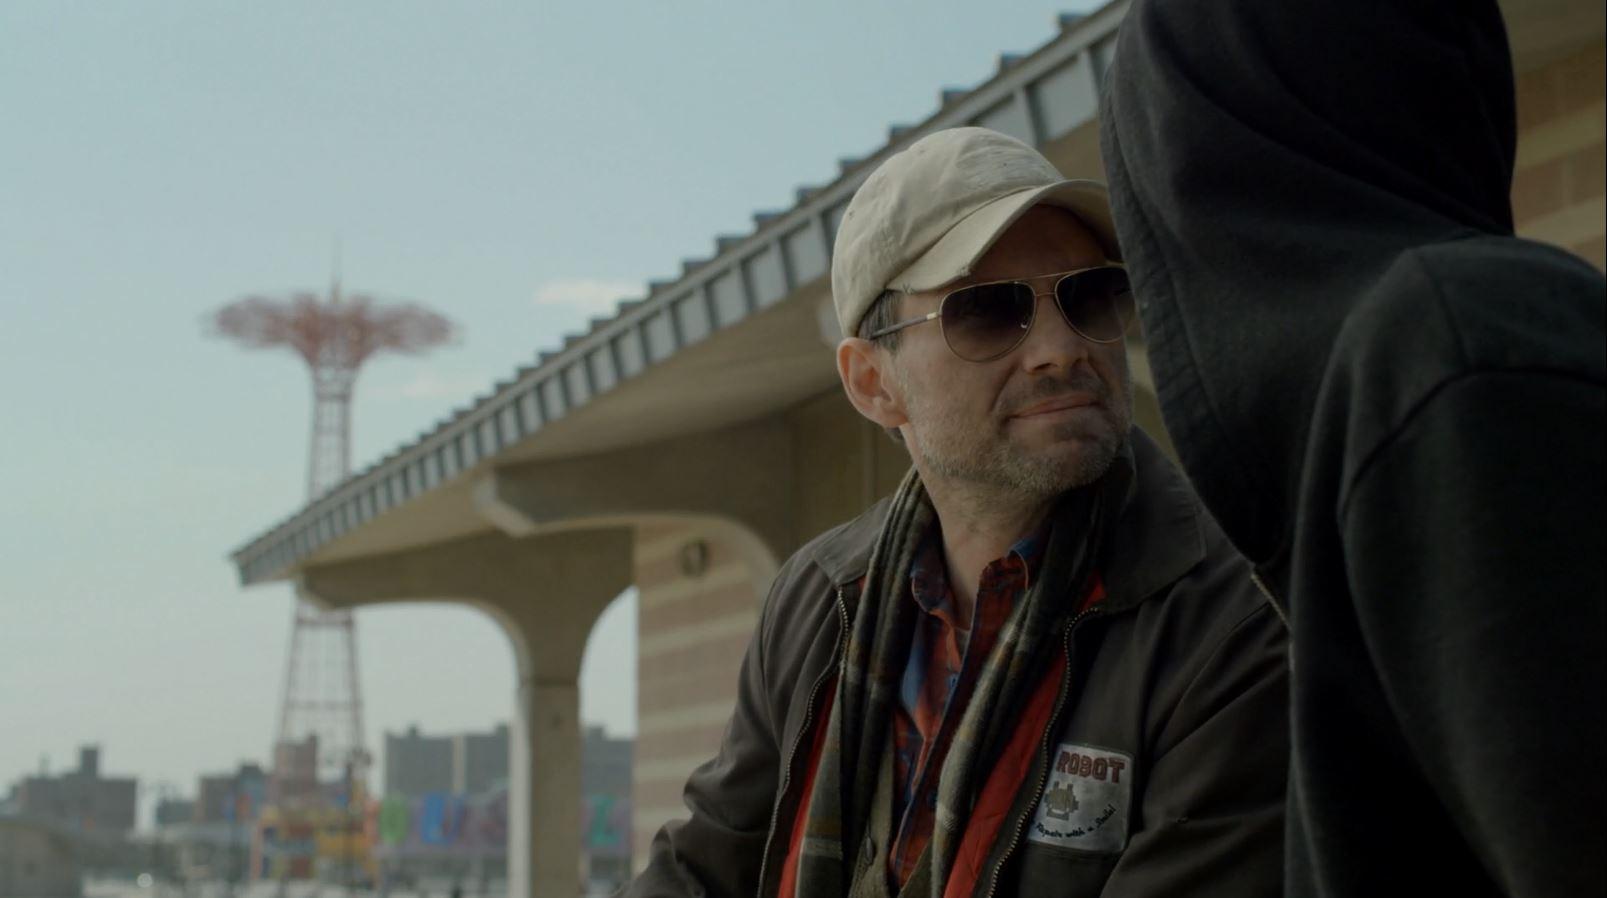 Christian Slater as Mr. Robot.